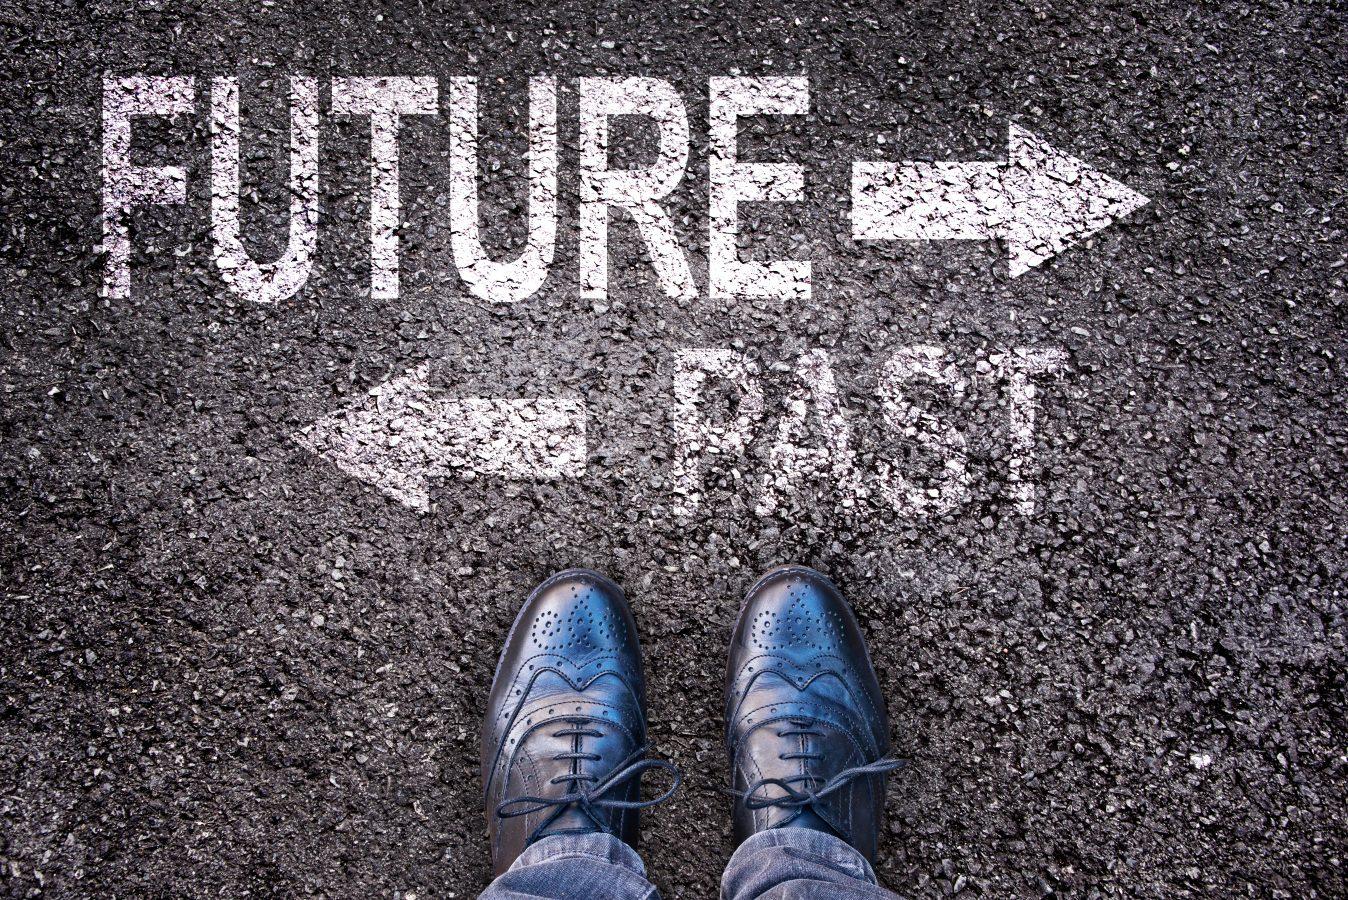 Føtter og ord fremtid og fortid malt på en asfaltert vei. Foto: Istock